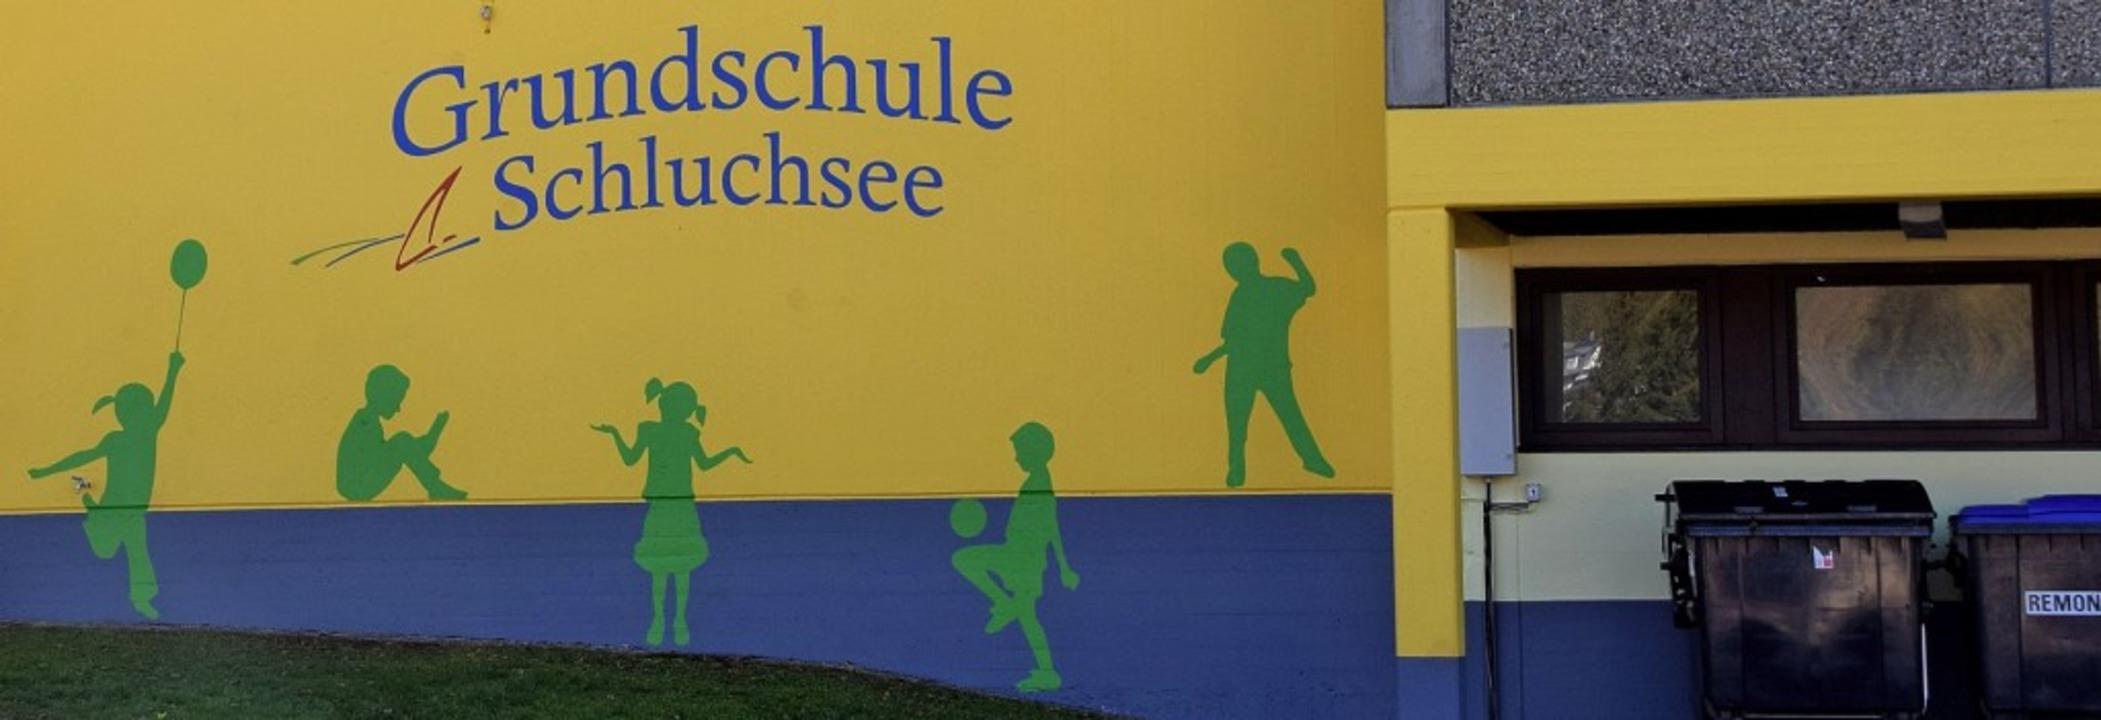 Die Grundschule Schluchsee soll spätestens im nächsten Jahr saniert werden.   | Foto: Eva-Marie Kurfess